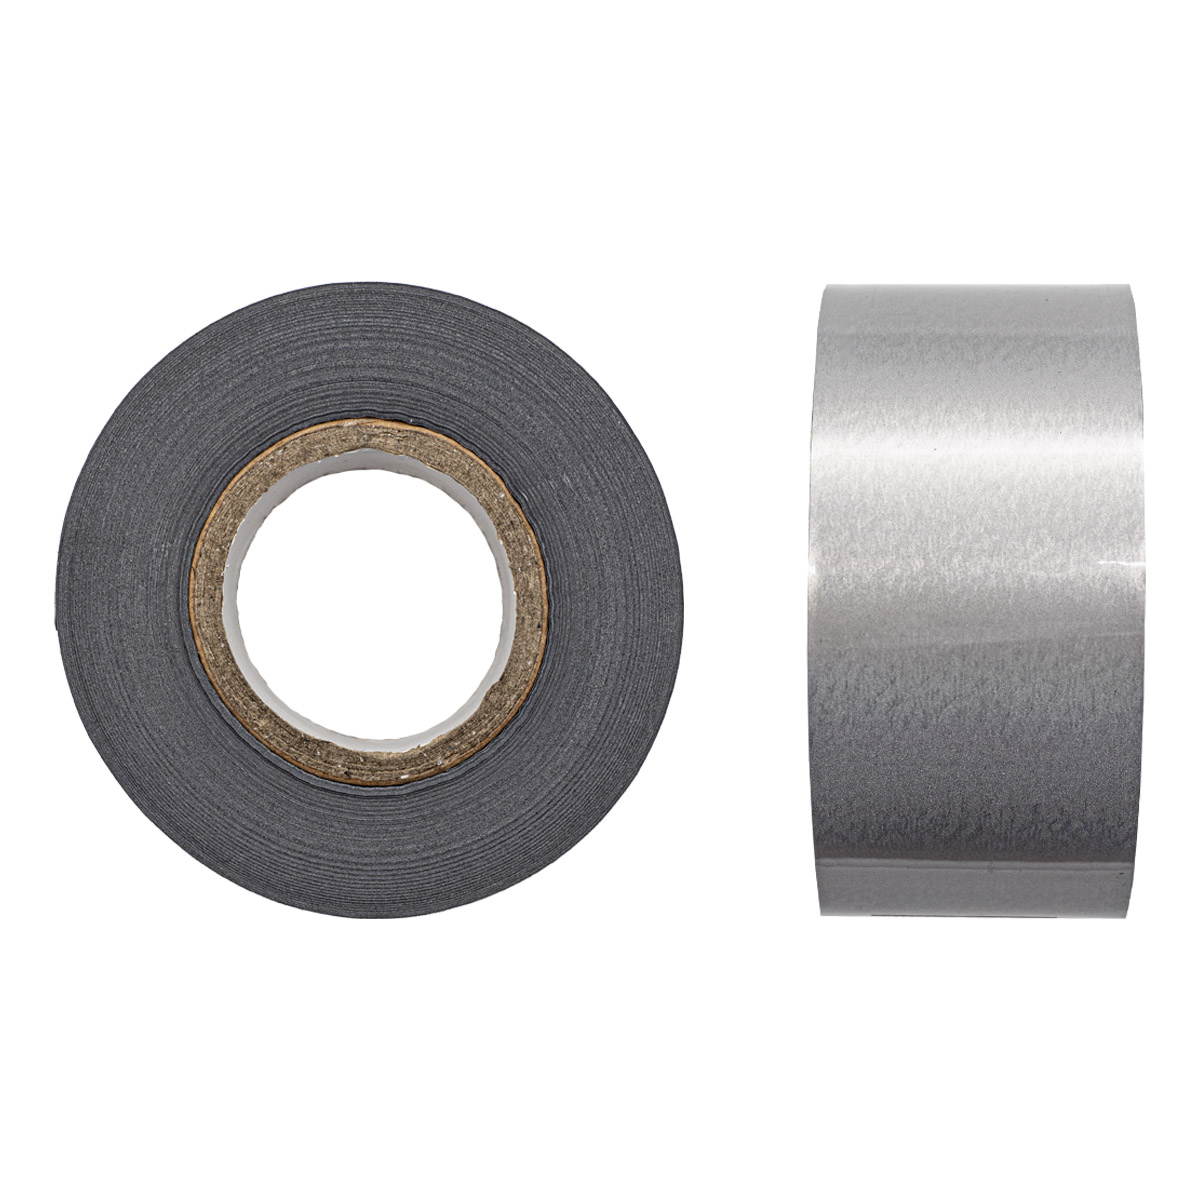 Пленка термоклеевая, D101, 380cpl, 5см*50м